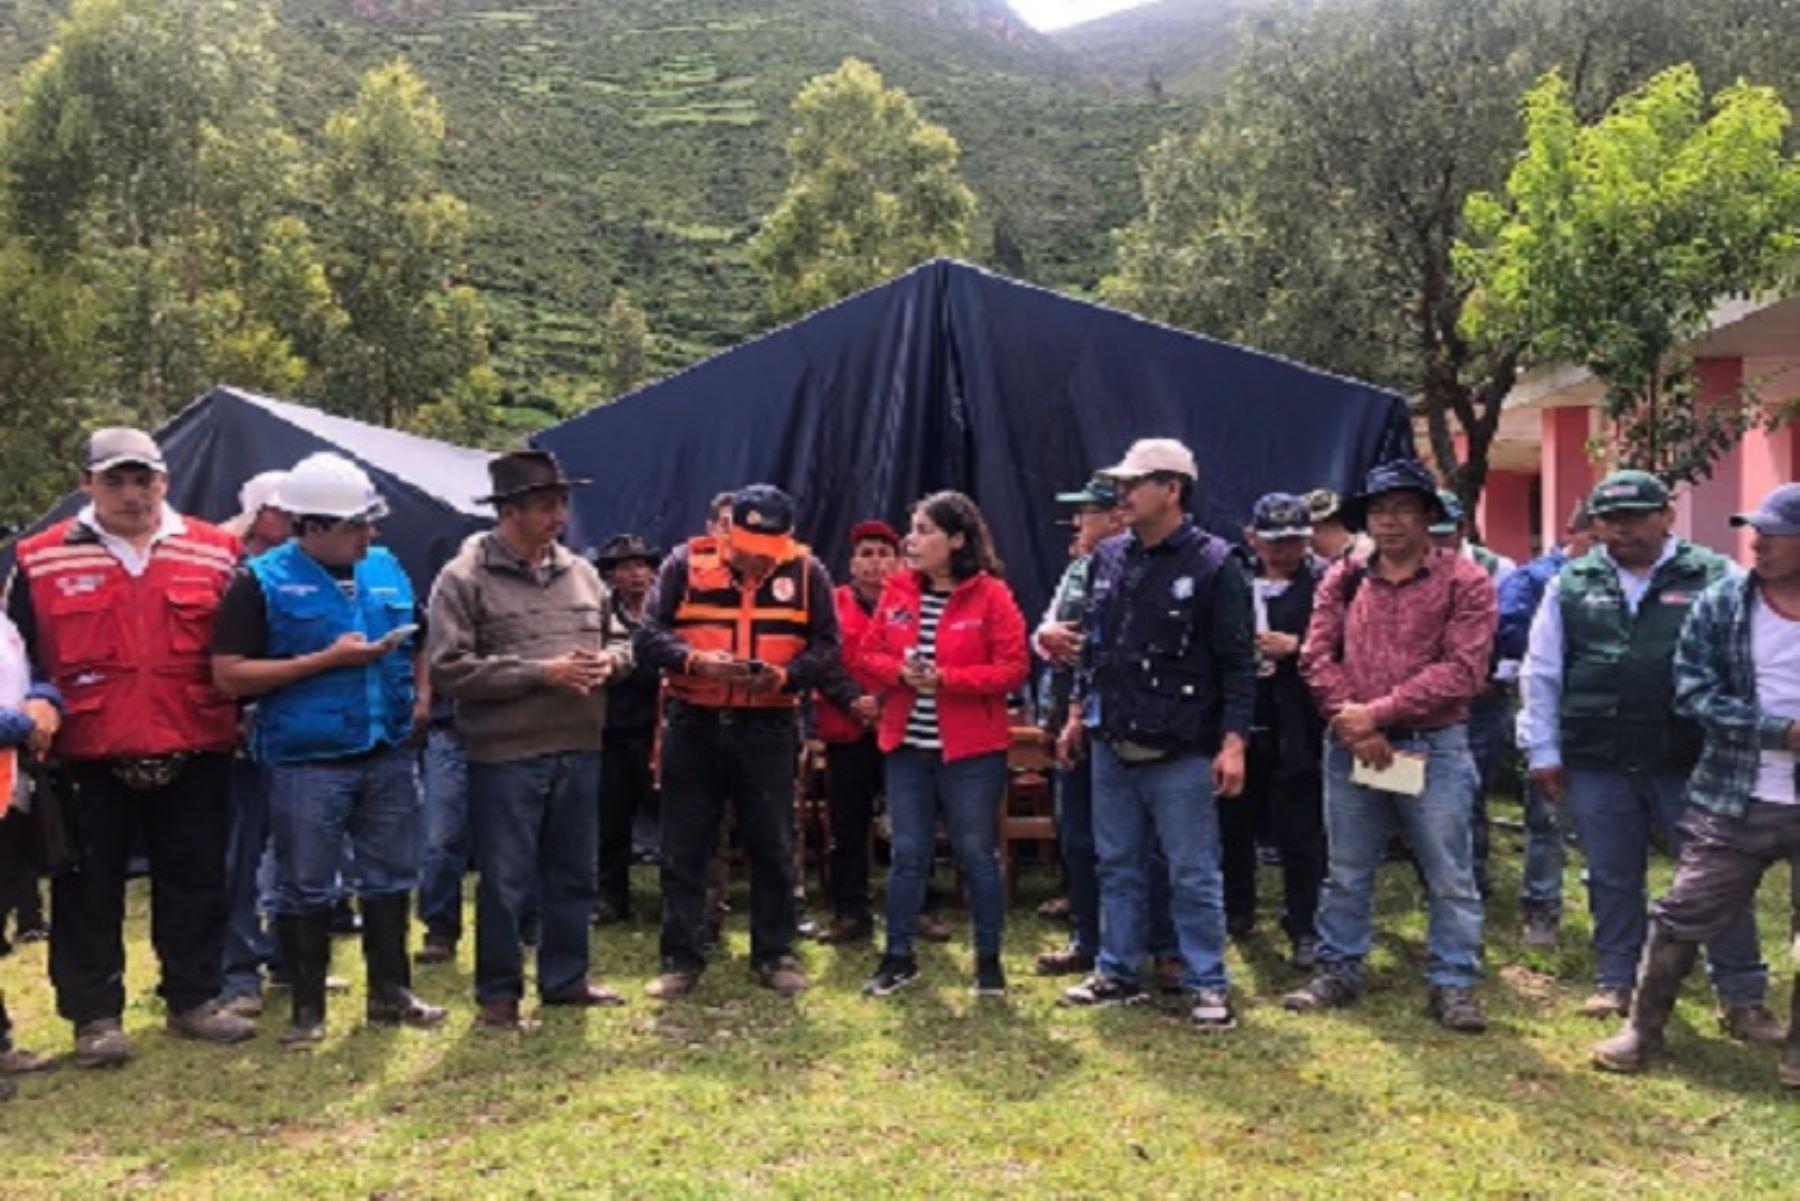 La viceministra de Interculturalidad, Angela Acevedo, coordina acciones para la debida atención a las familias damnificadas del centro poblado de Cocas (Ayacucho).